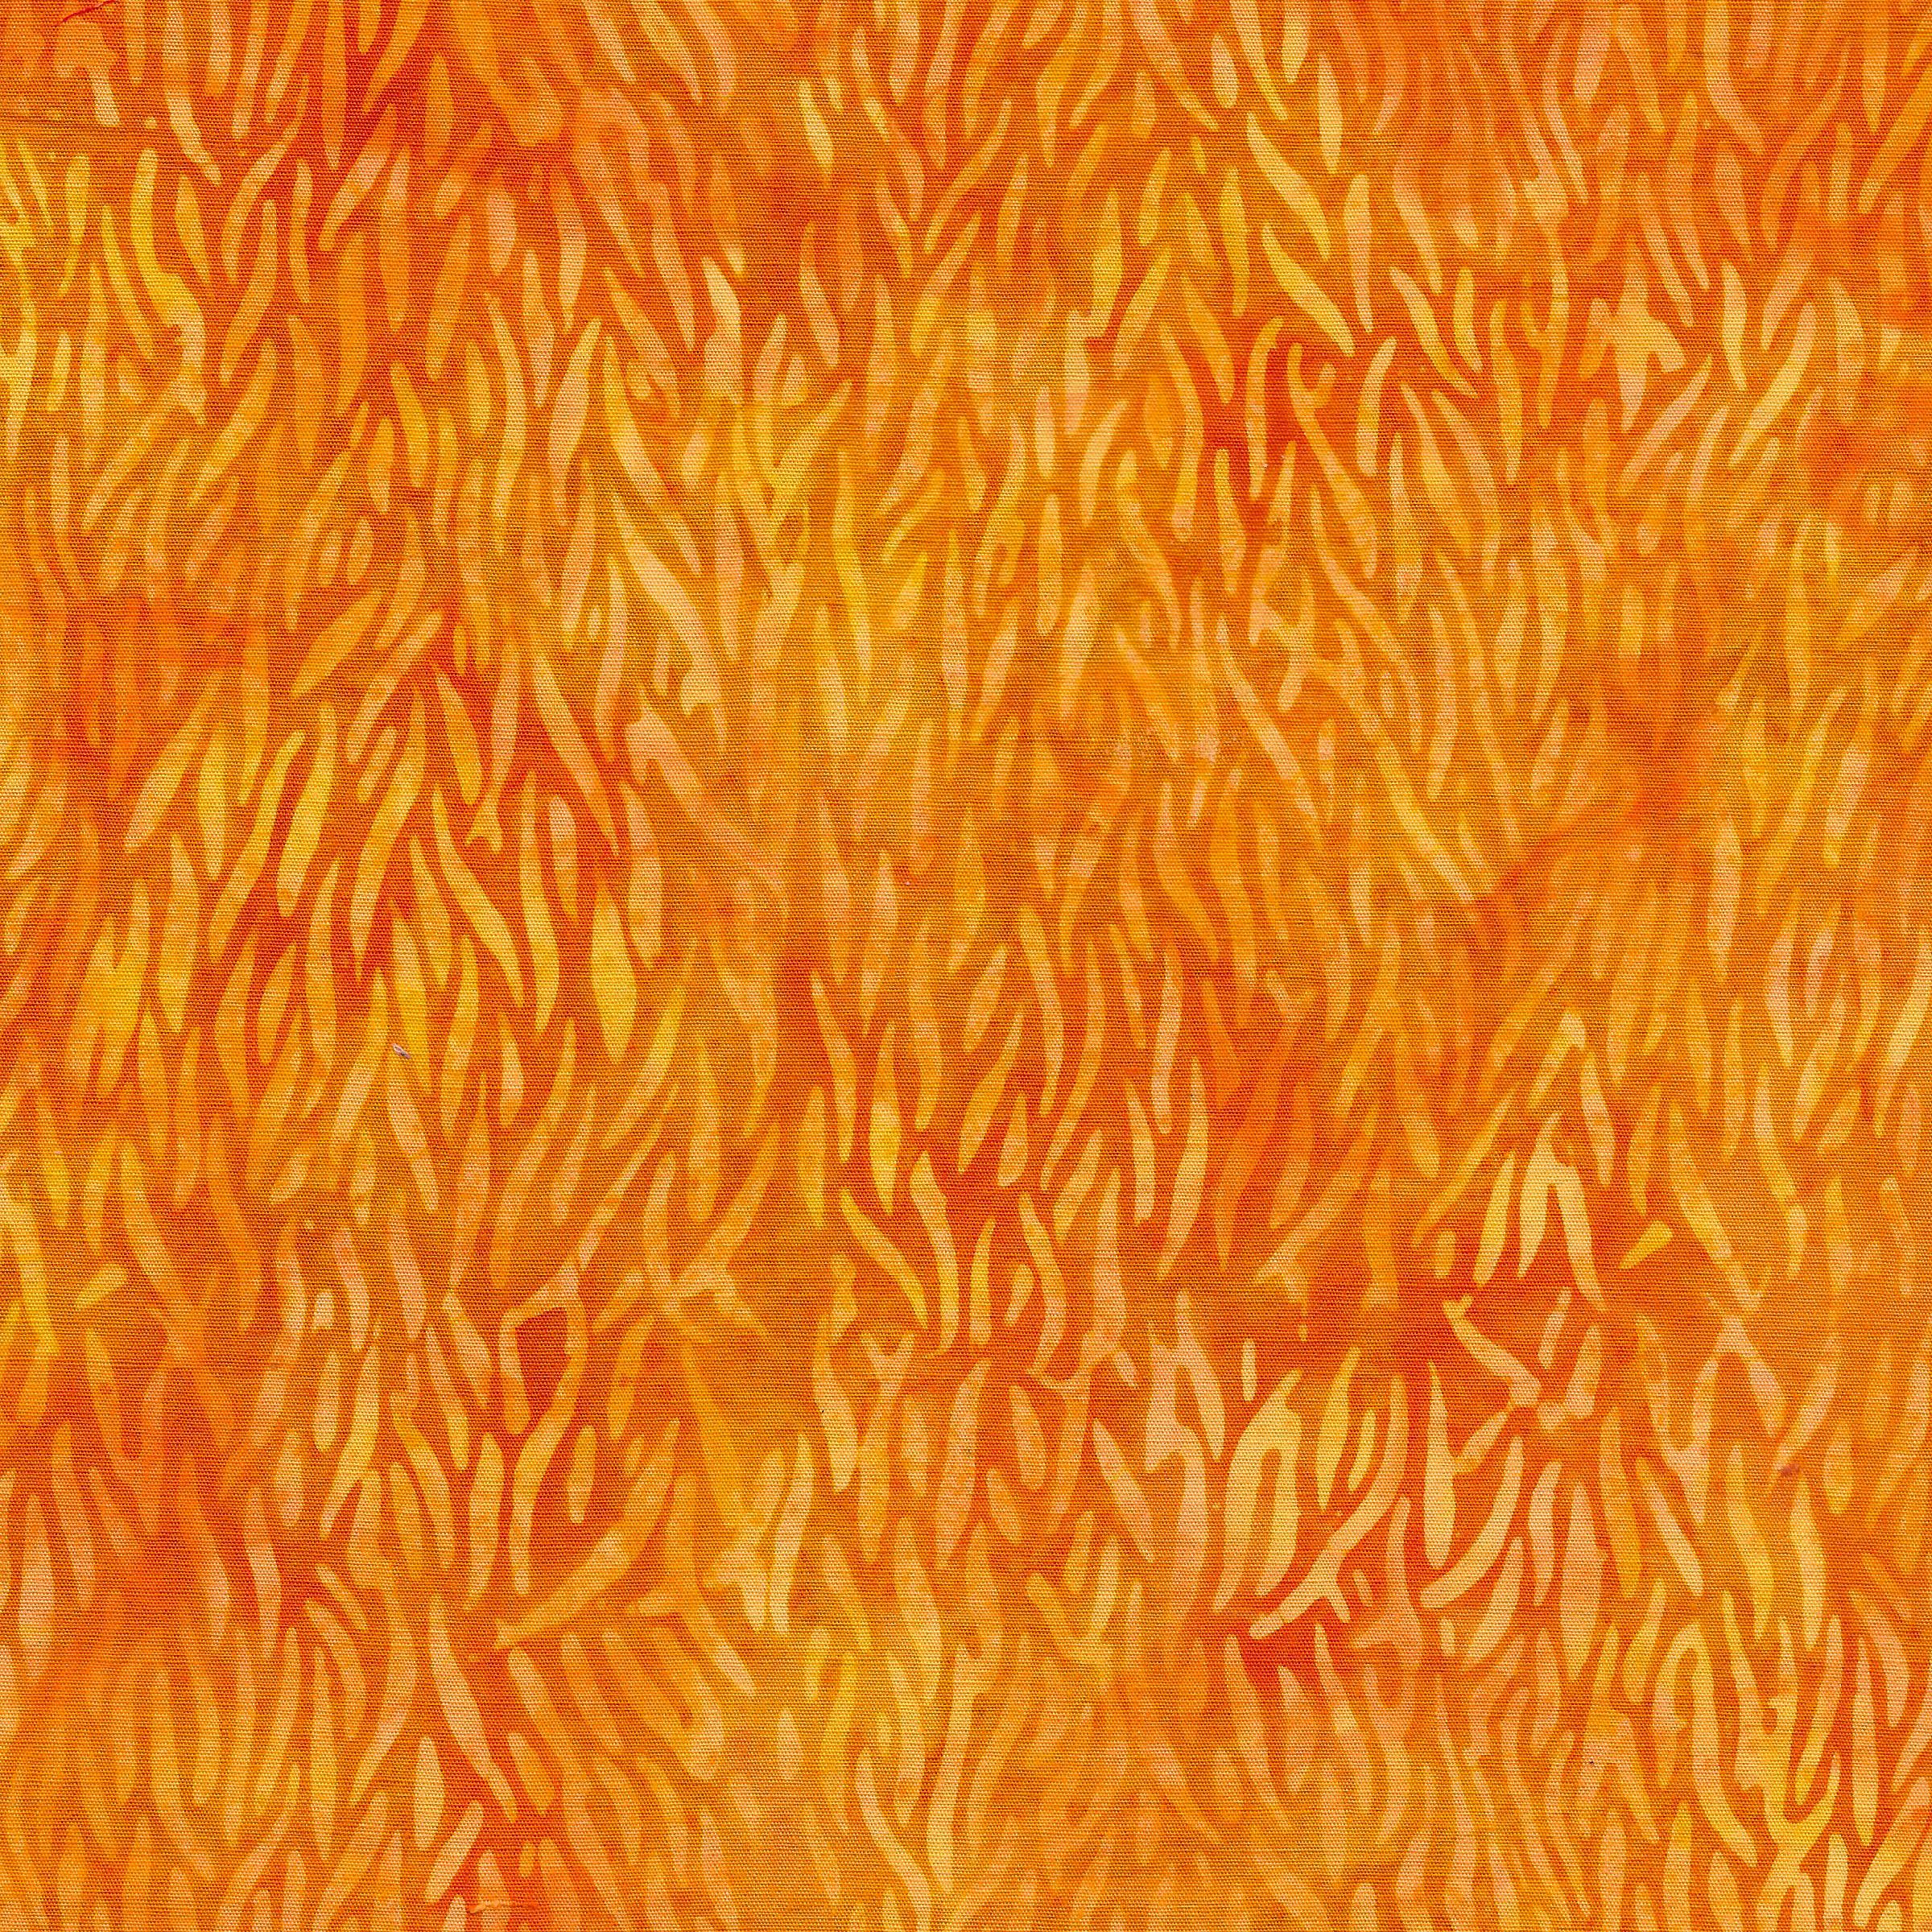 111901150 / Kelp-Cheddar